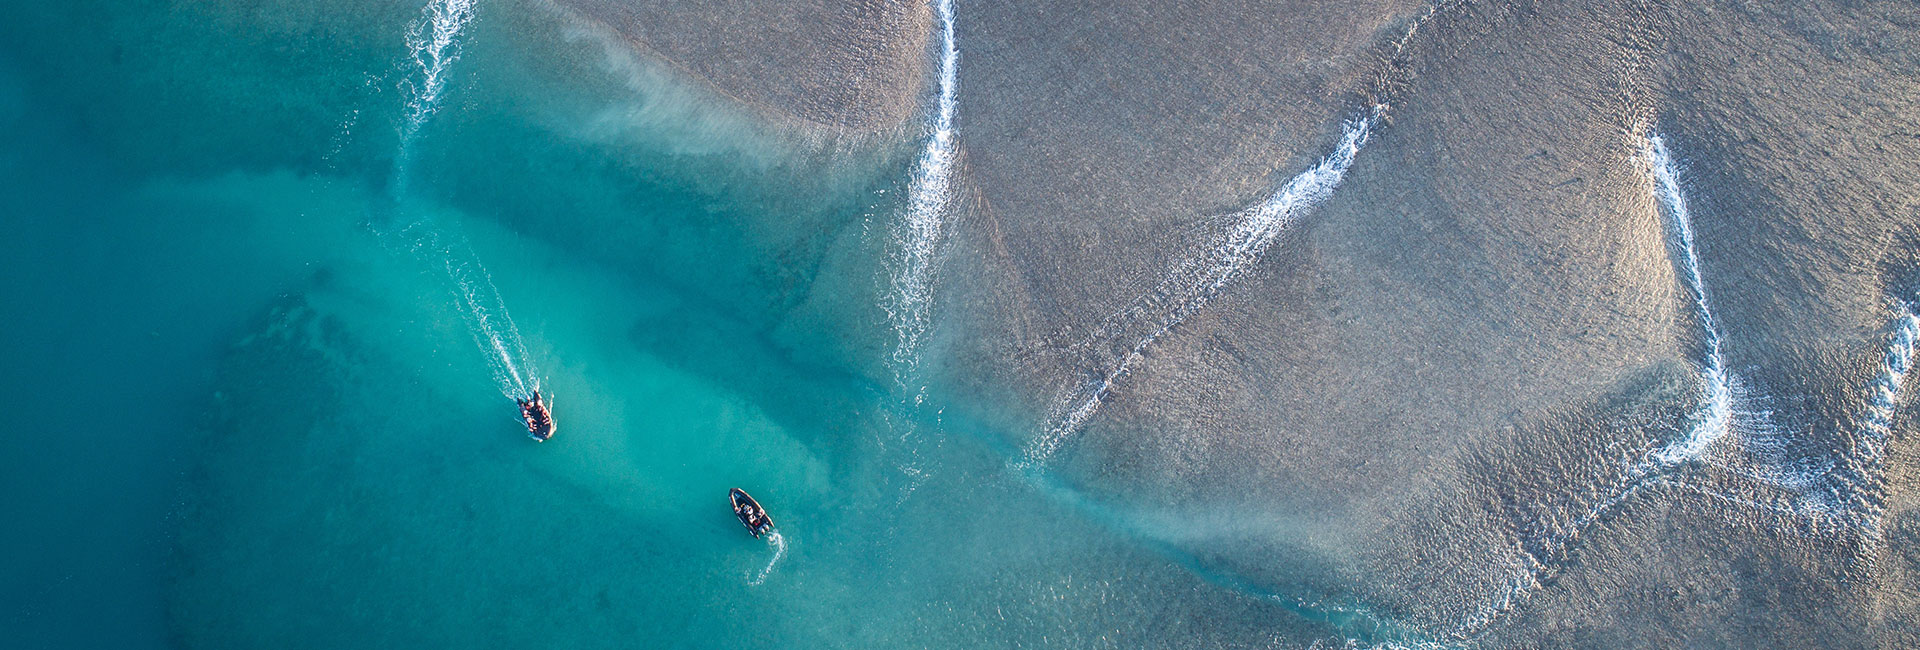 5_Fish for threadfin salmon and barramundi in Doubtful Bay